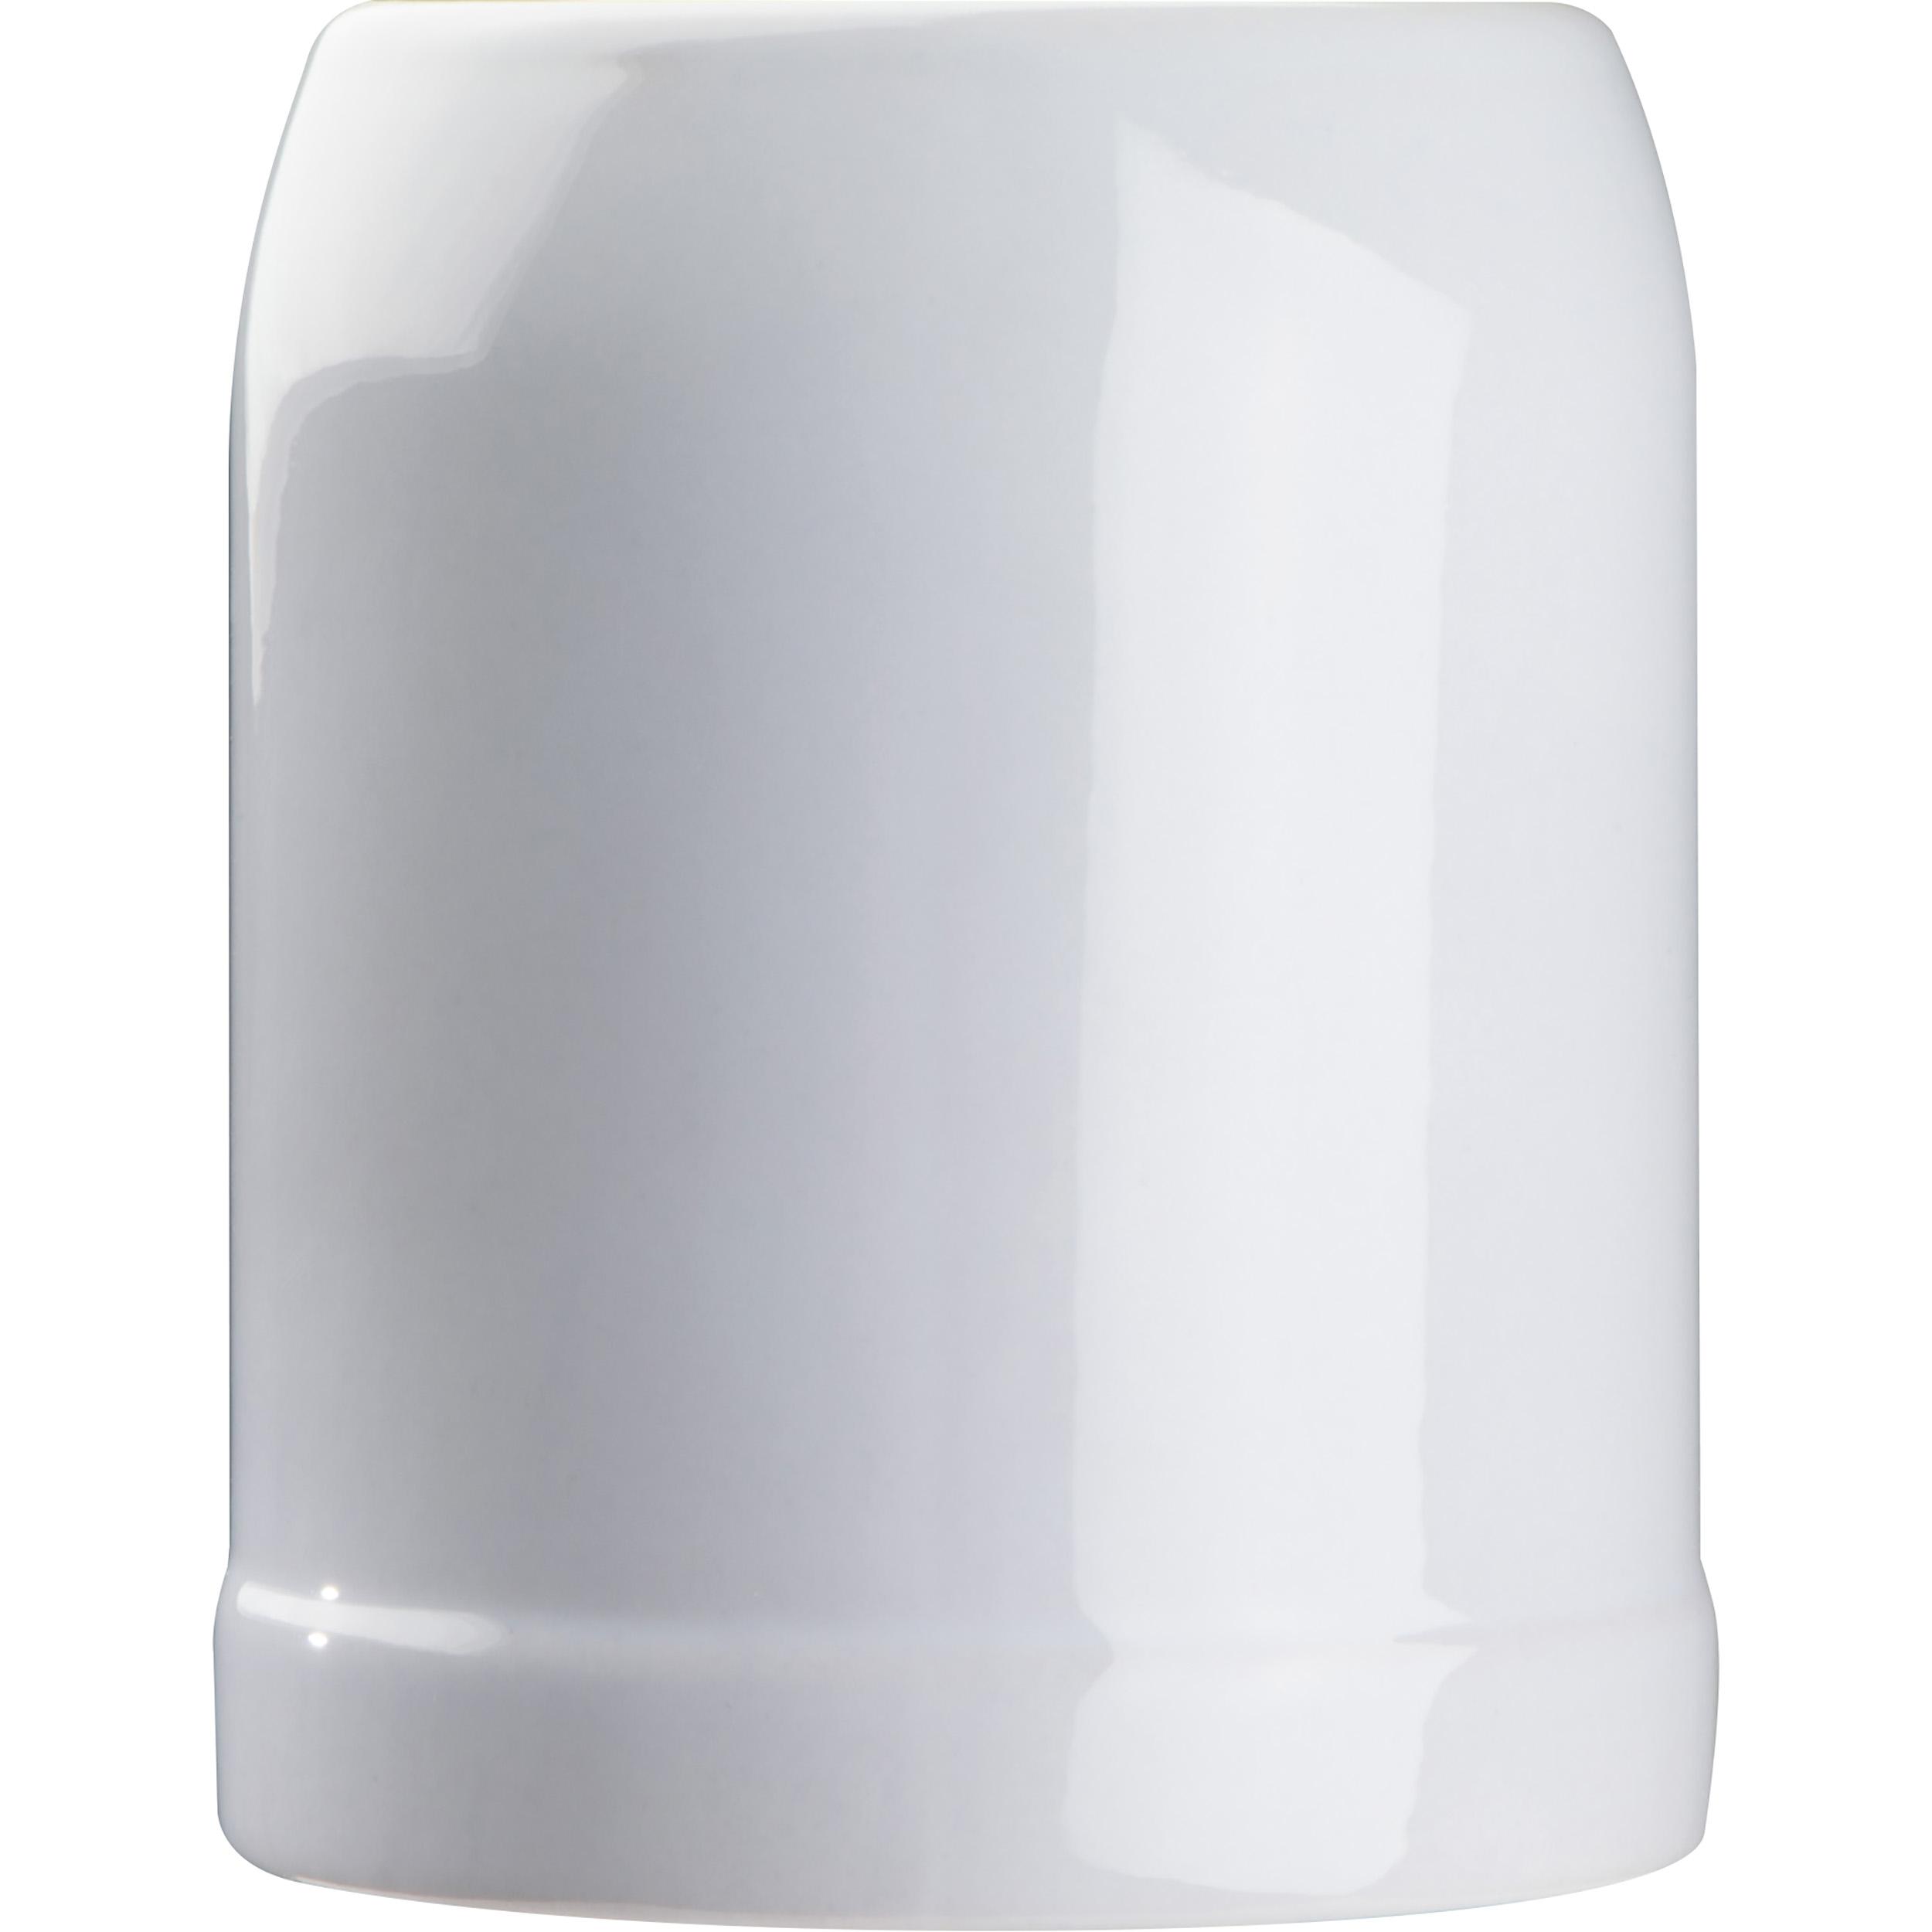 Steinkrug 200 ml für Sublimationsdruck